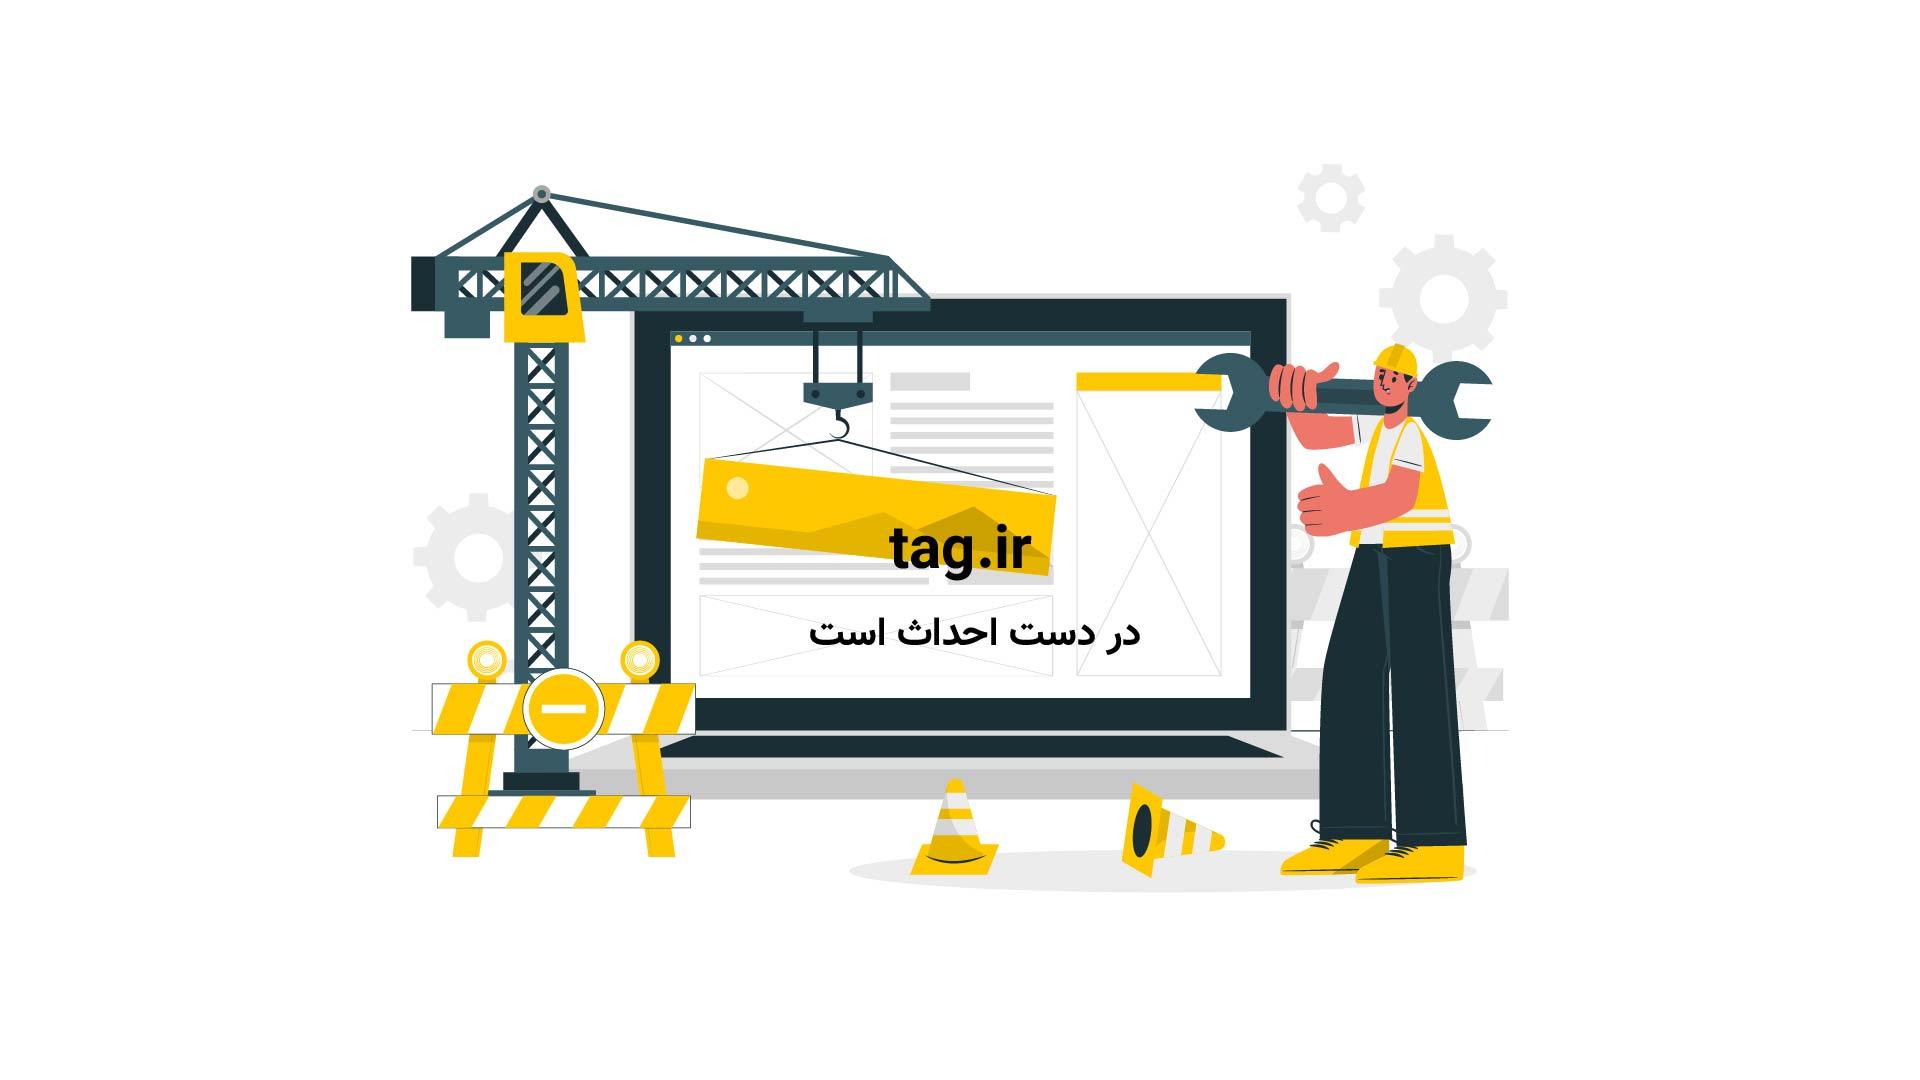 صحنه های شکار در حیات وحش | تگ